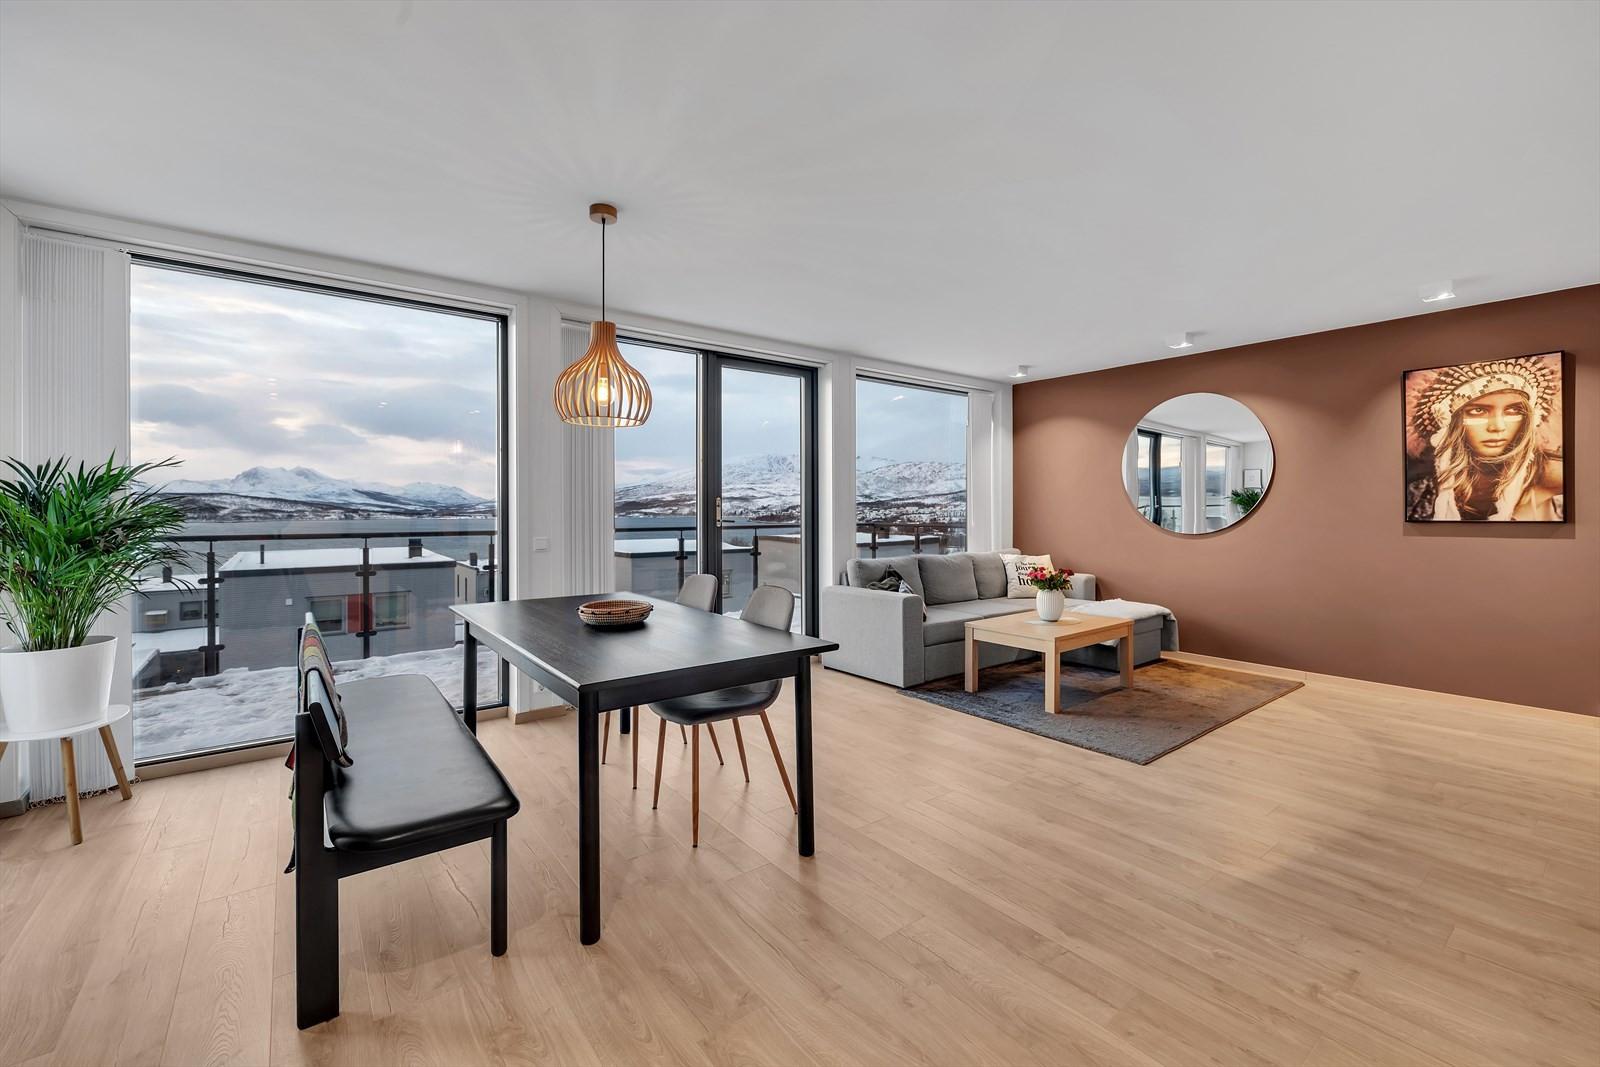 Fra stue og kjøkken er det panoramautsikt